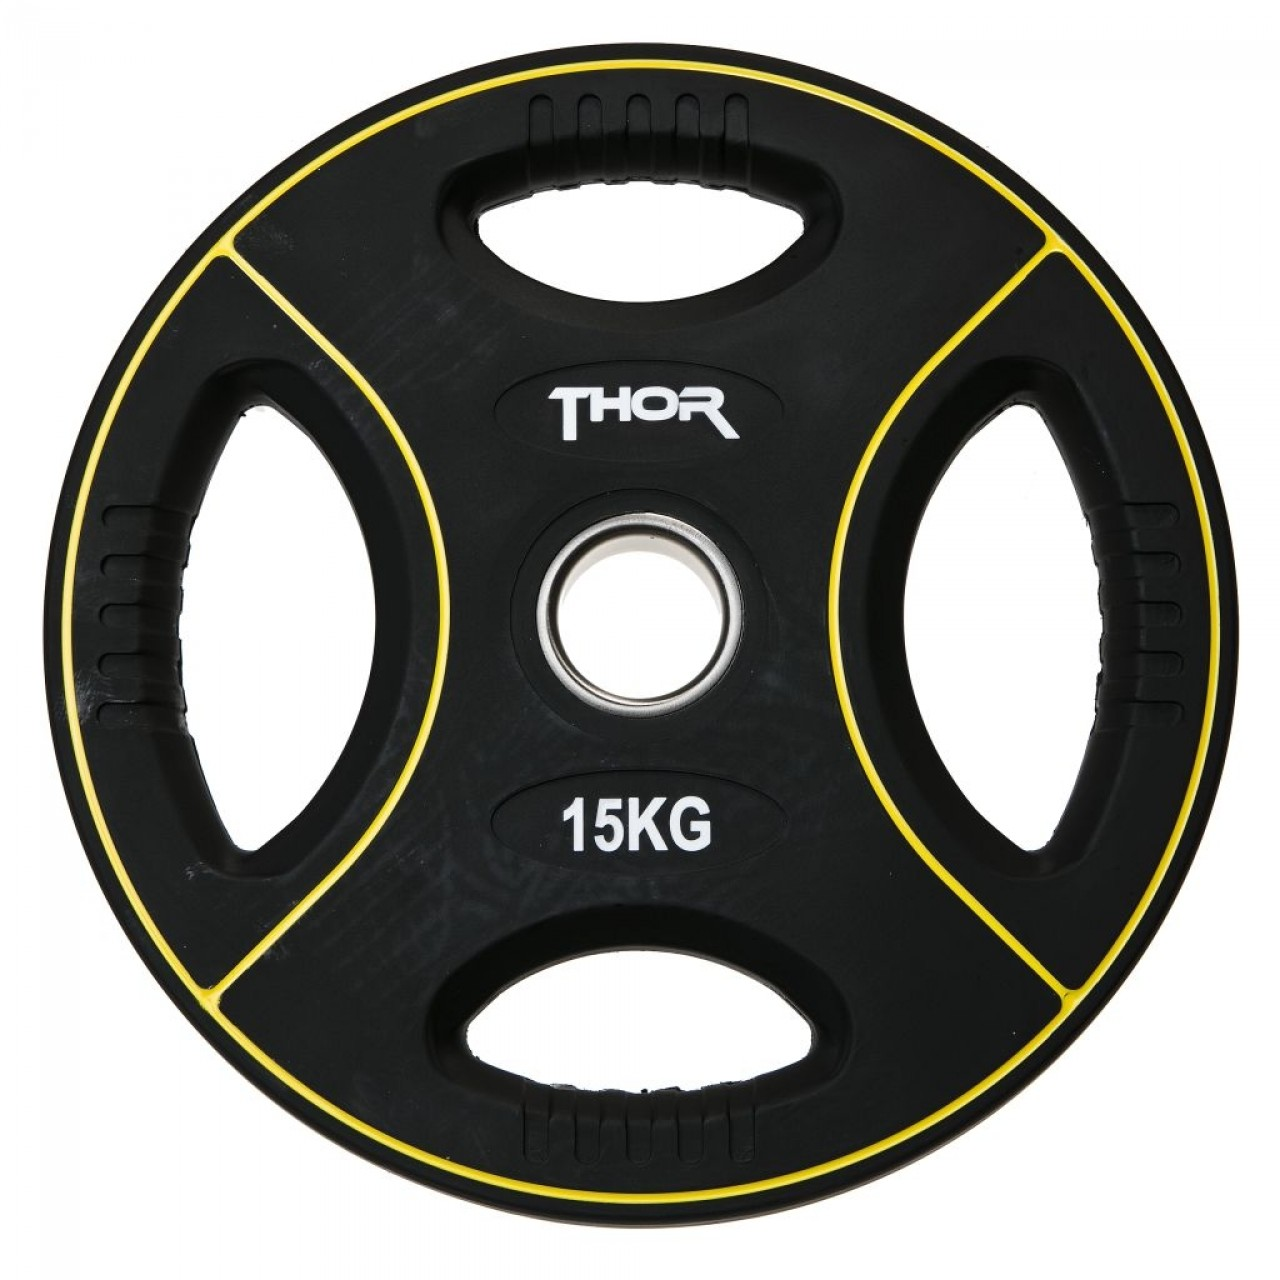 Thor Fitness Vægtskive m. Håndtag 15kg (1stk) - Thor Fitness